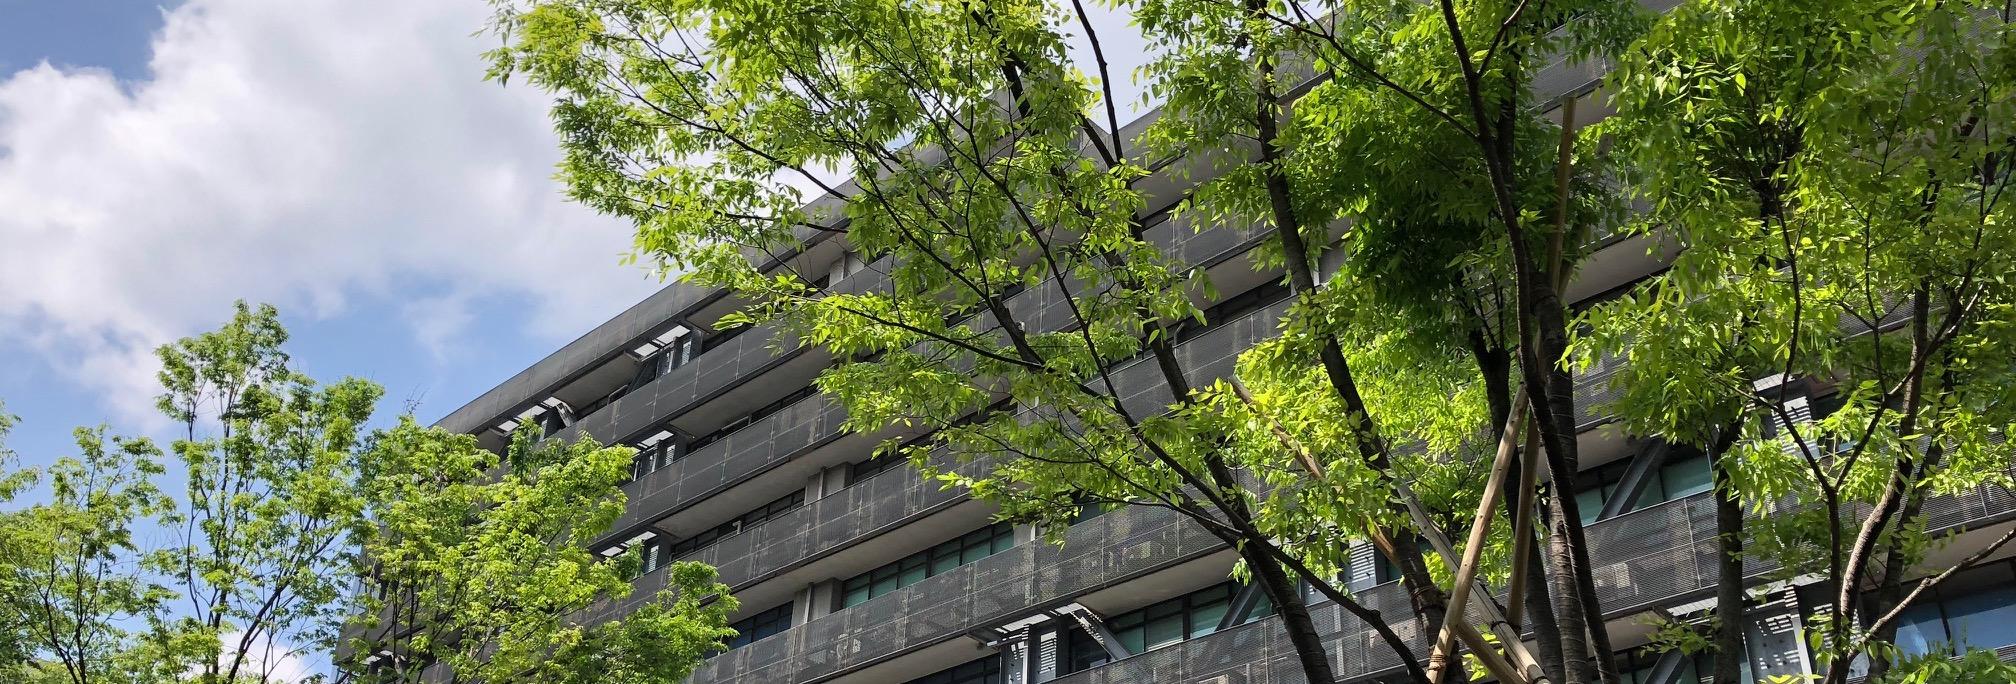 東京大学大学院工学系研究科 石川研究室の募集・採用の画像